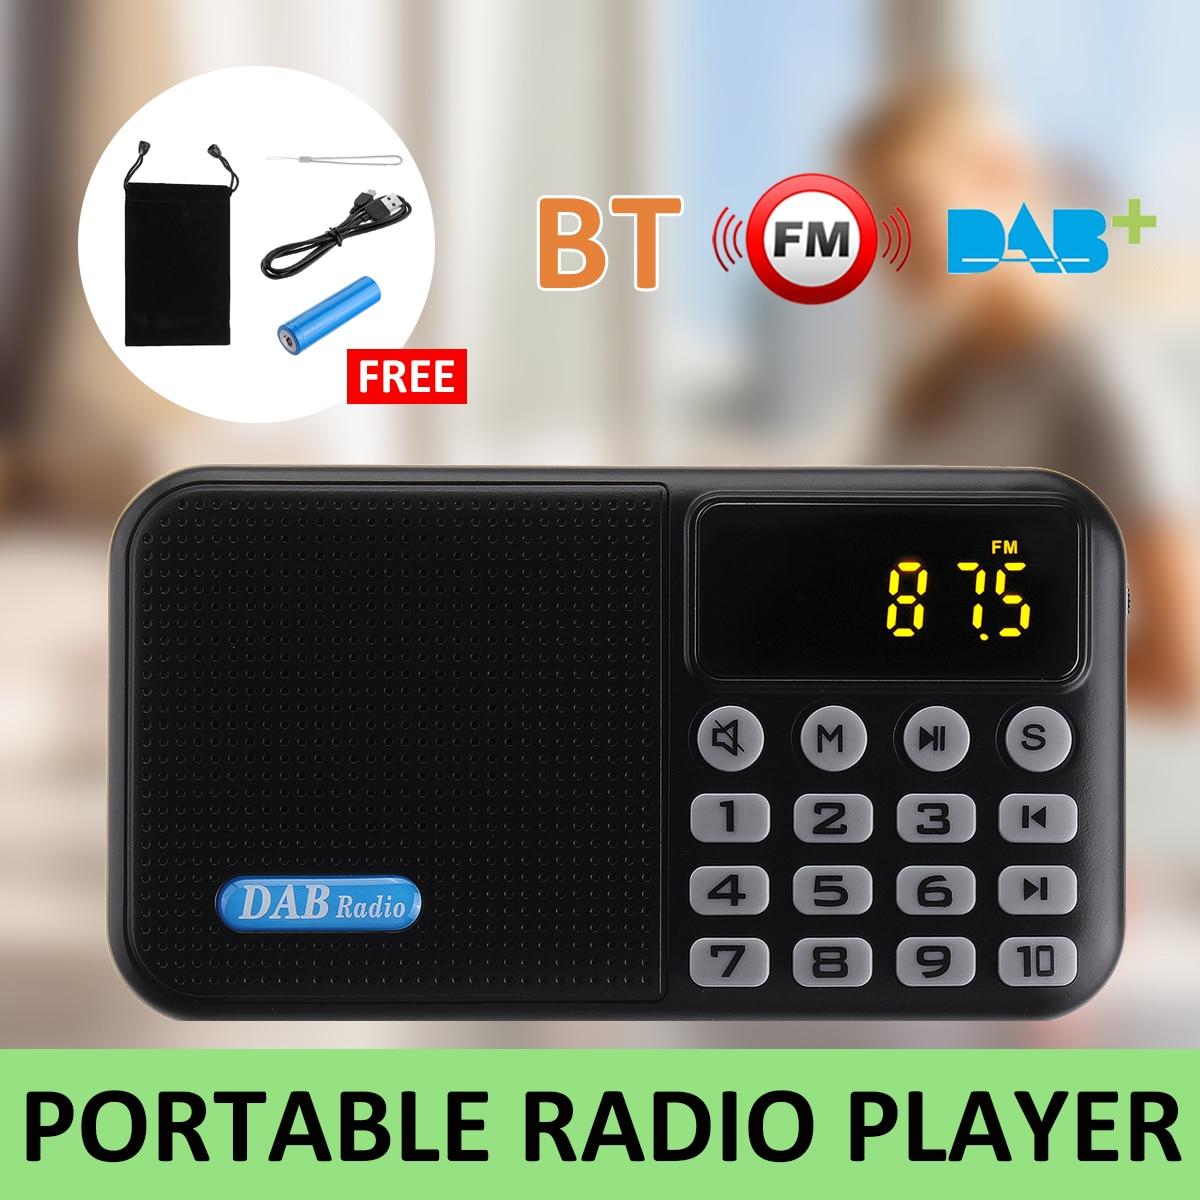 Récepteur de lecteur Radio numérique DAB + FM avec haut-parleur stéréo bluetooth portable récepteur FM extérieur lecteur de musique pour cadeau de noël